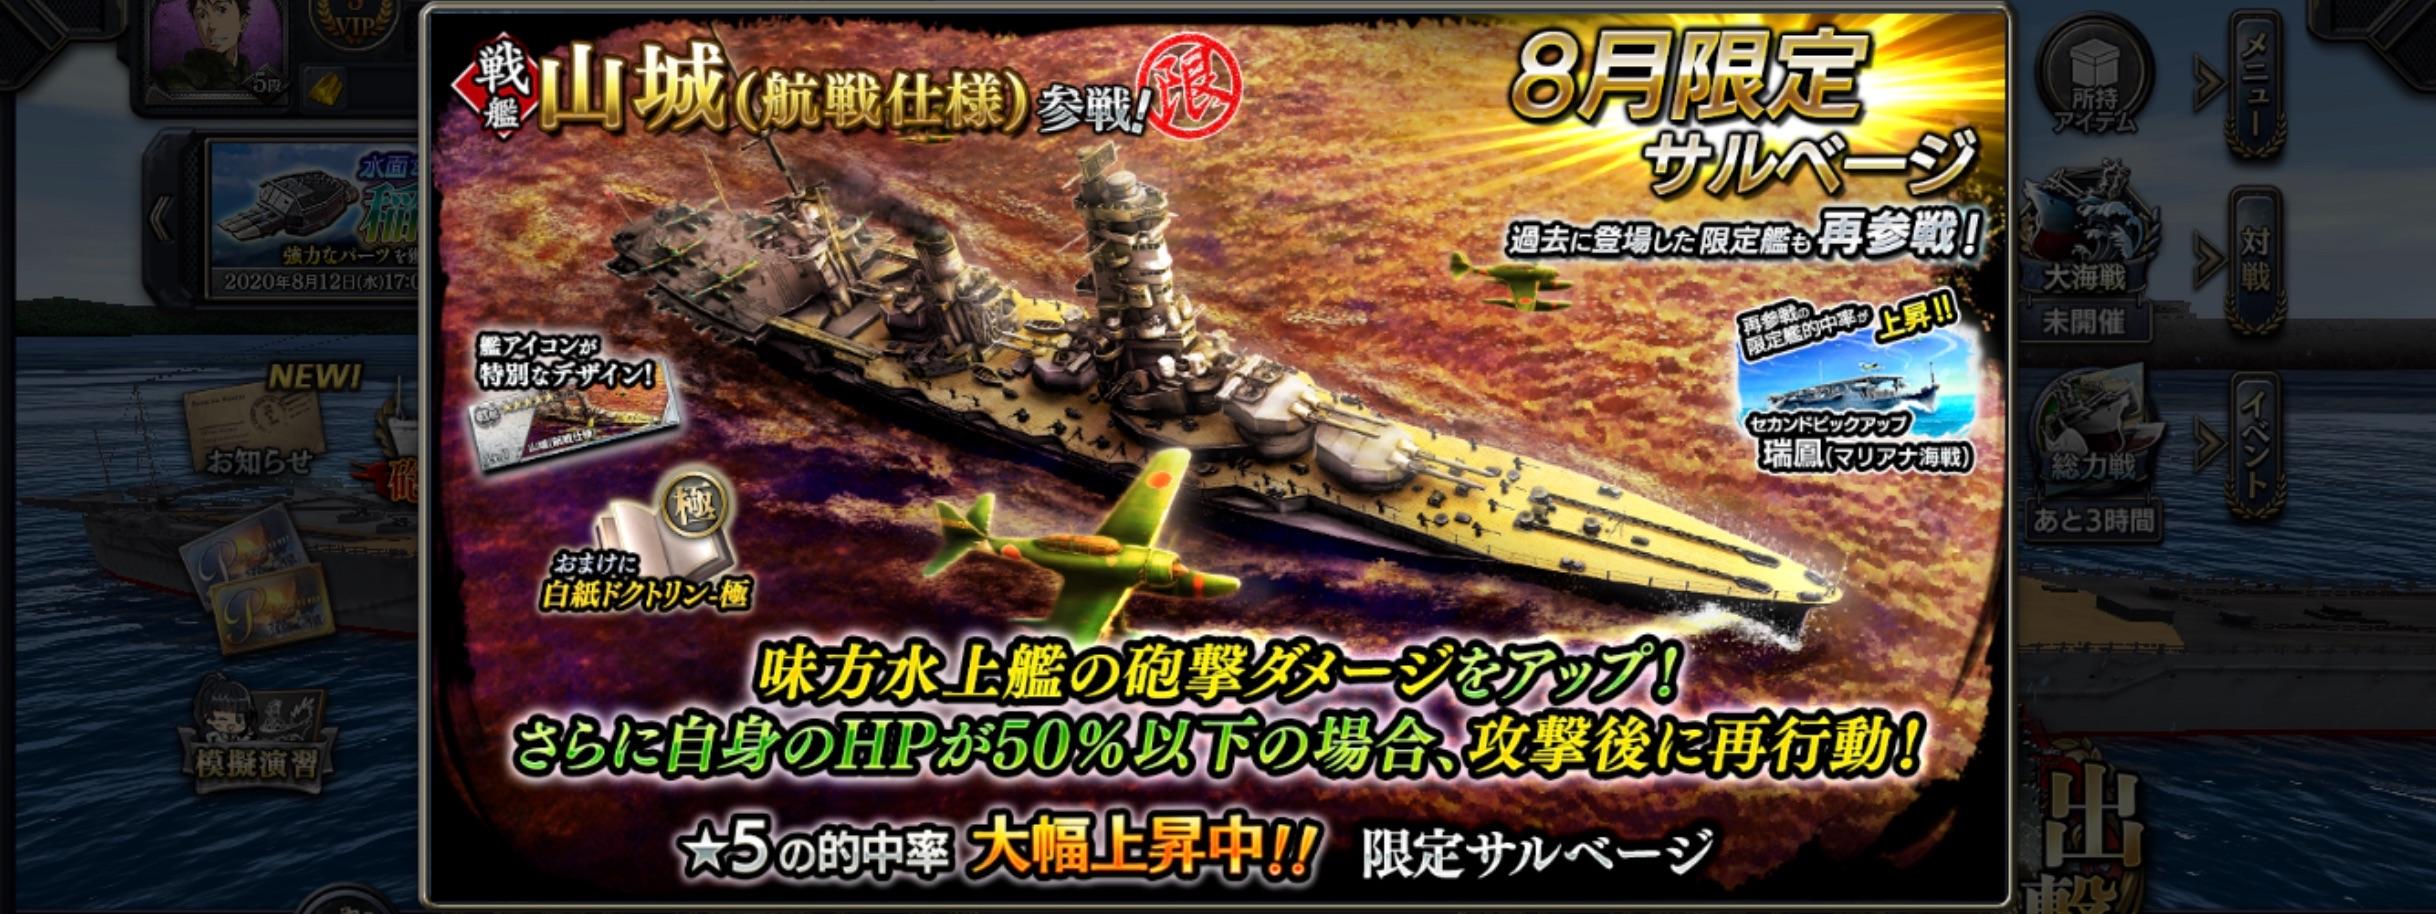 battleship-YamashiroBs